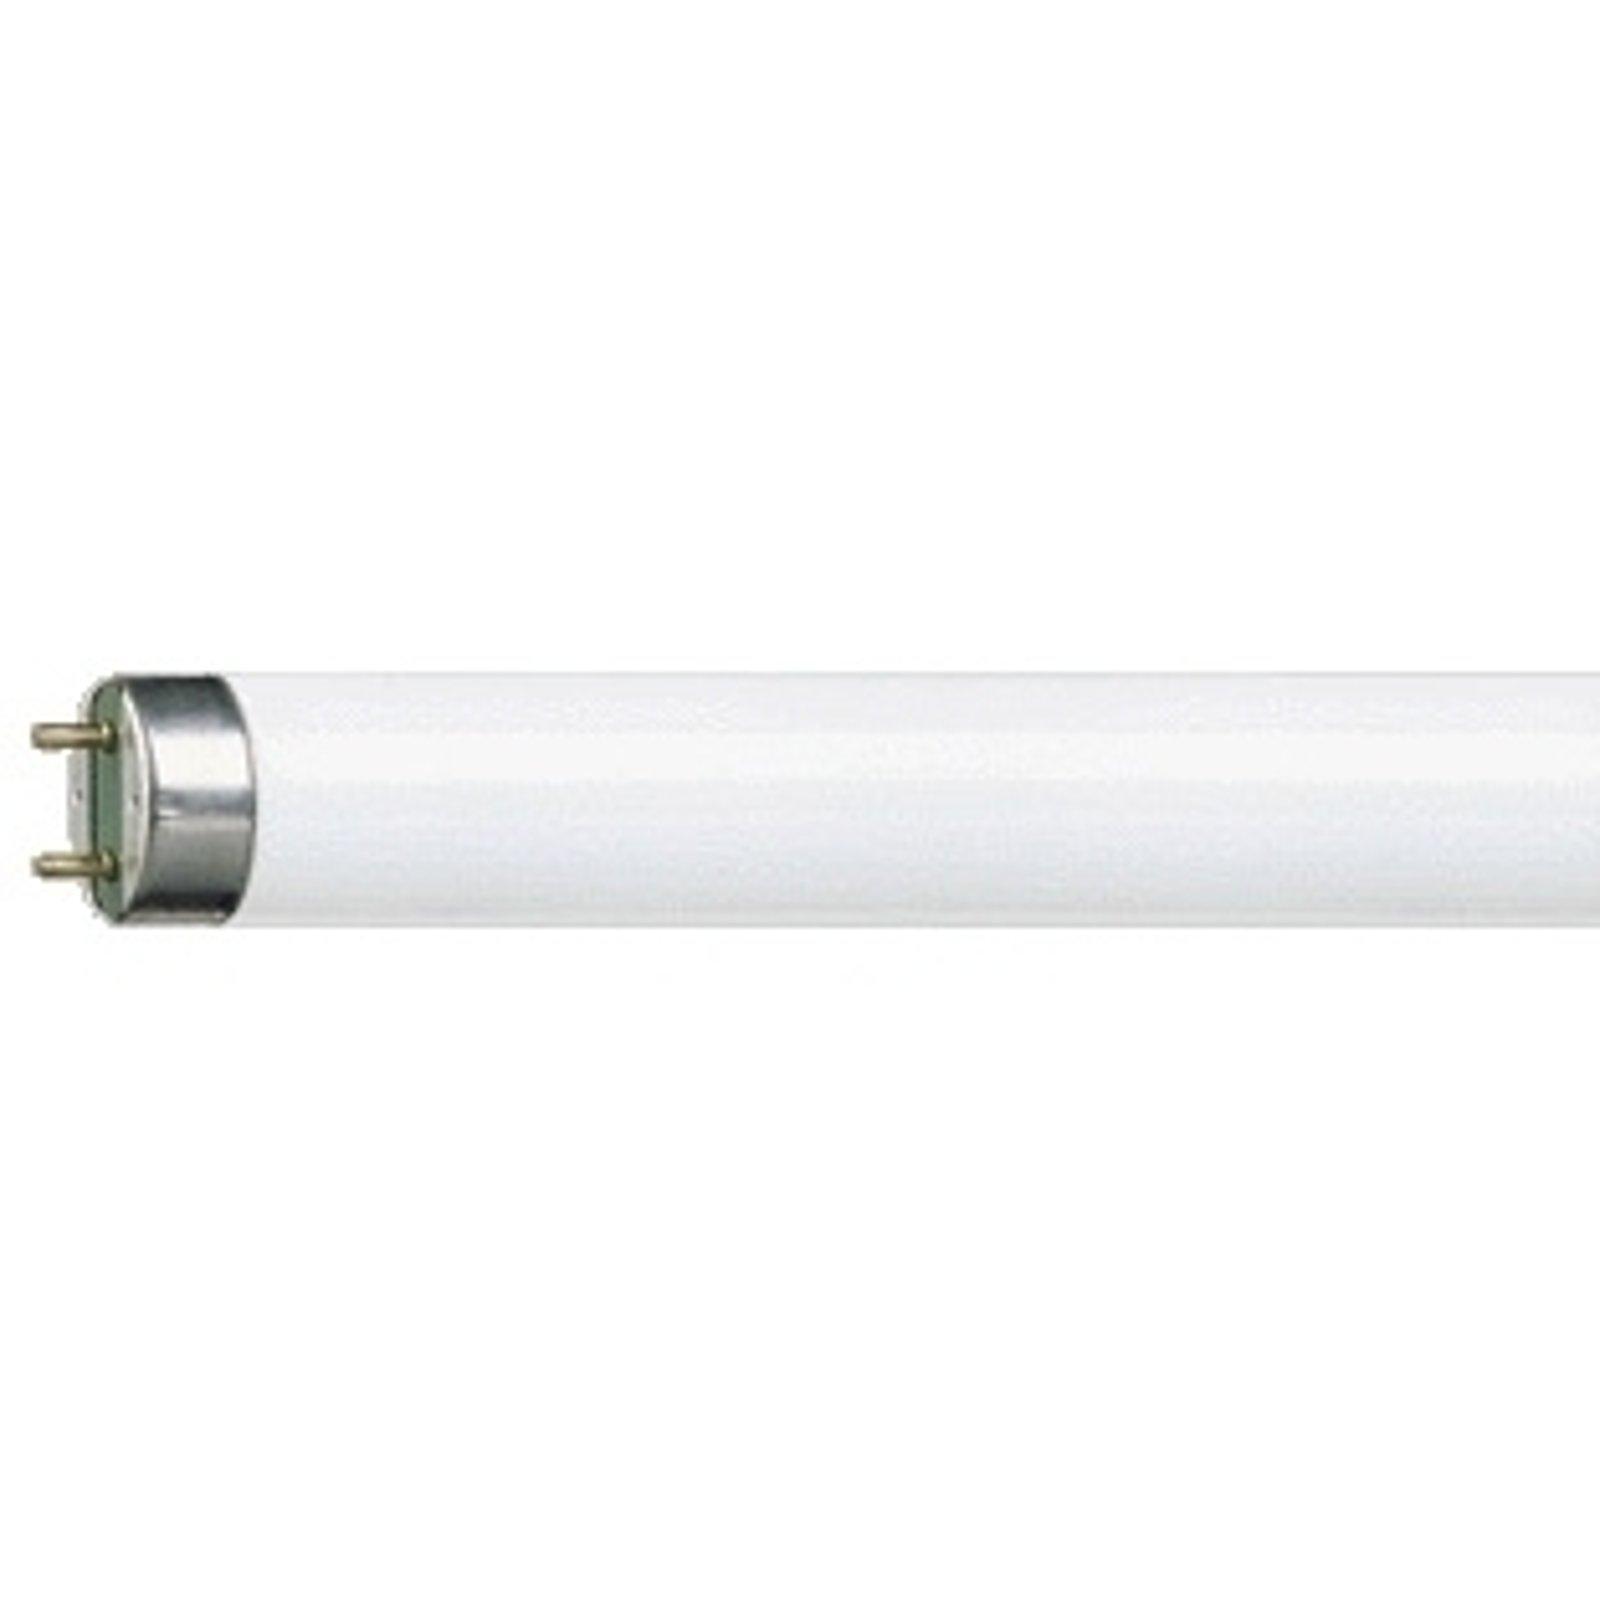 G13 T8-lyspære MASTER TL-D Super 18W/830